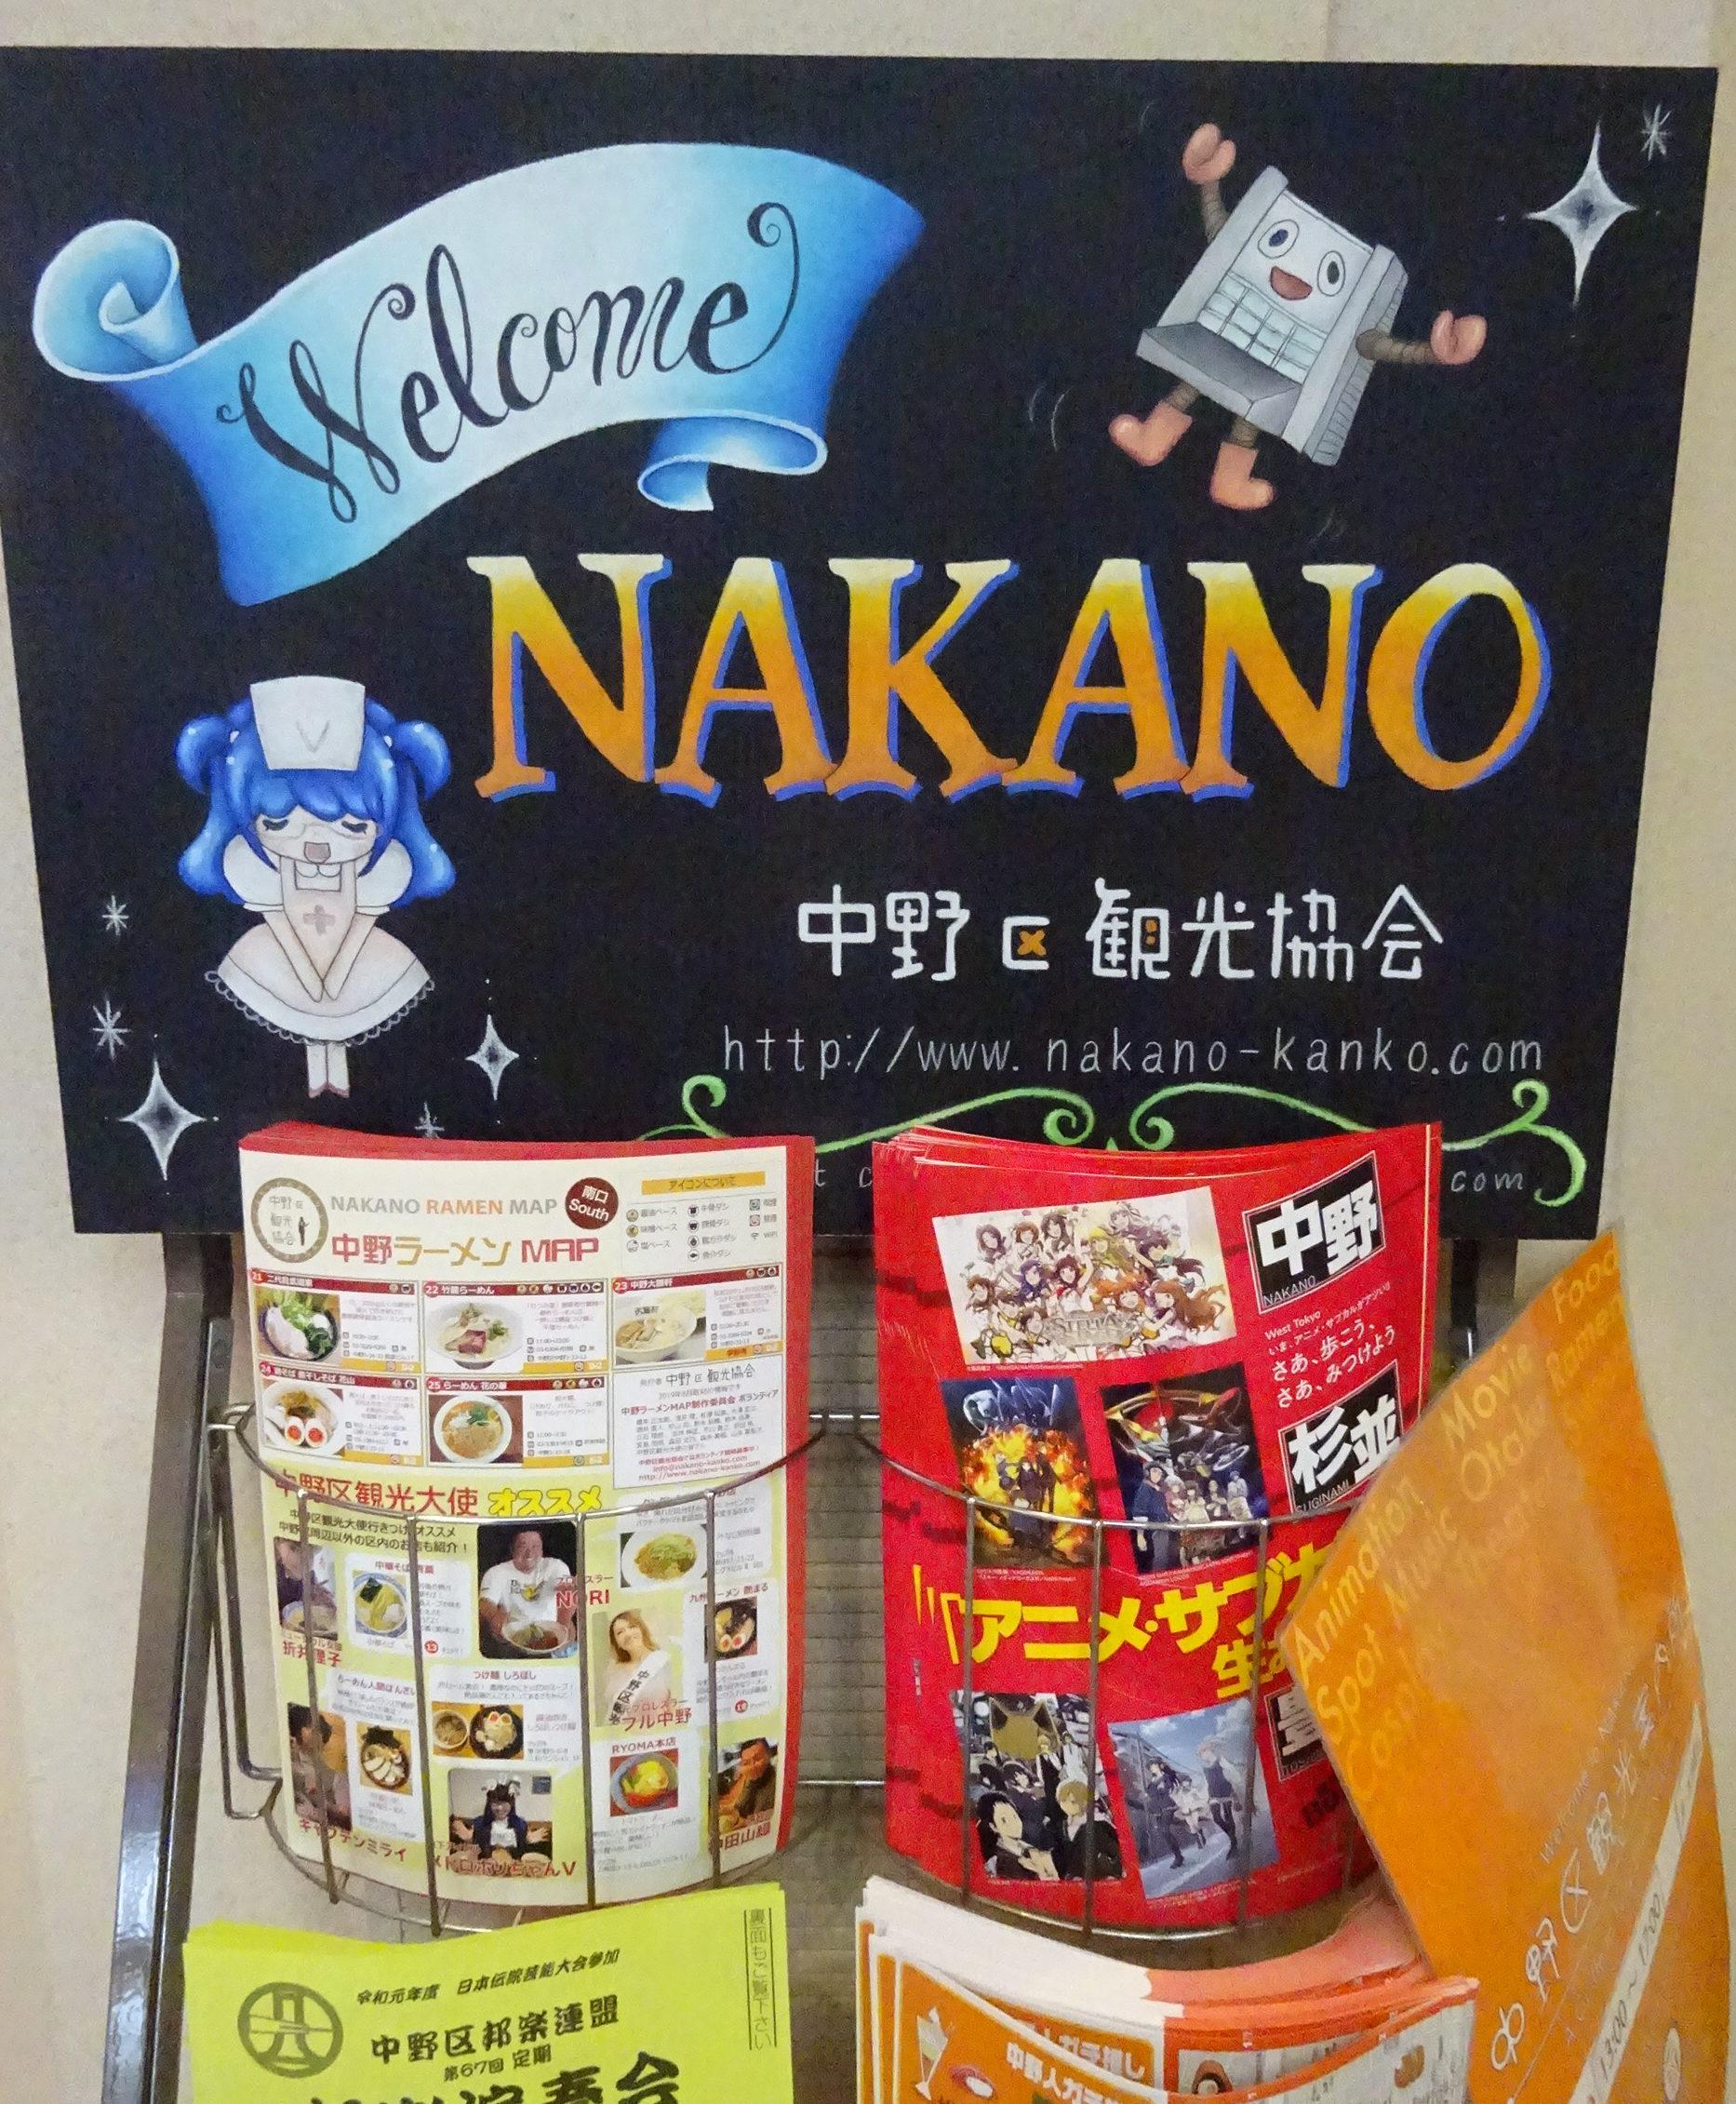 「中野ラーメンMAP」に上海麺館と工場直売大成麺市場が掲載されました